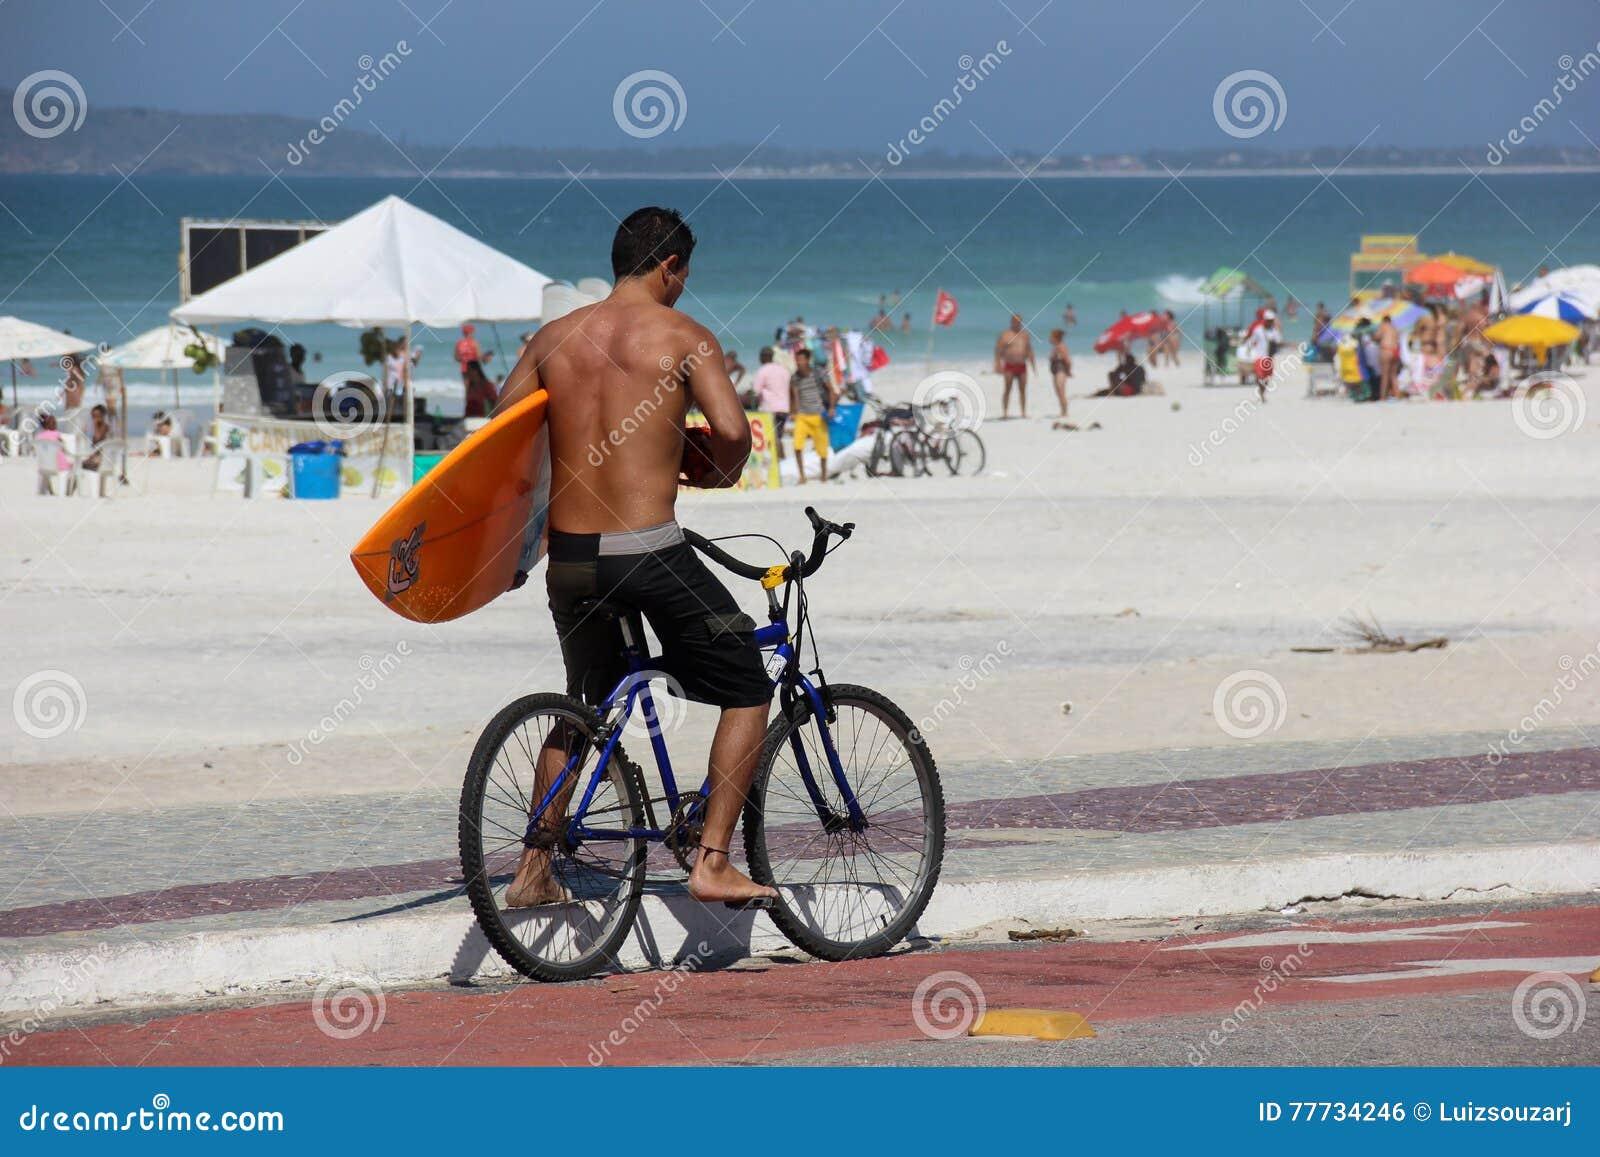 Surfista na bicicleta no dia ensolarado